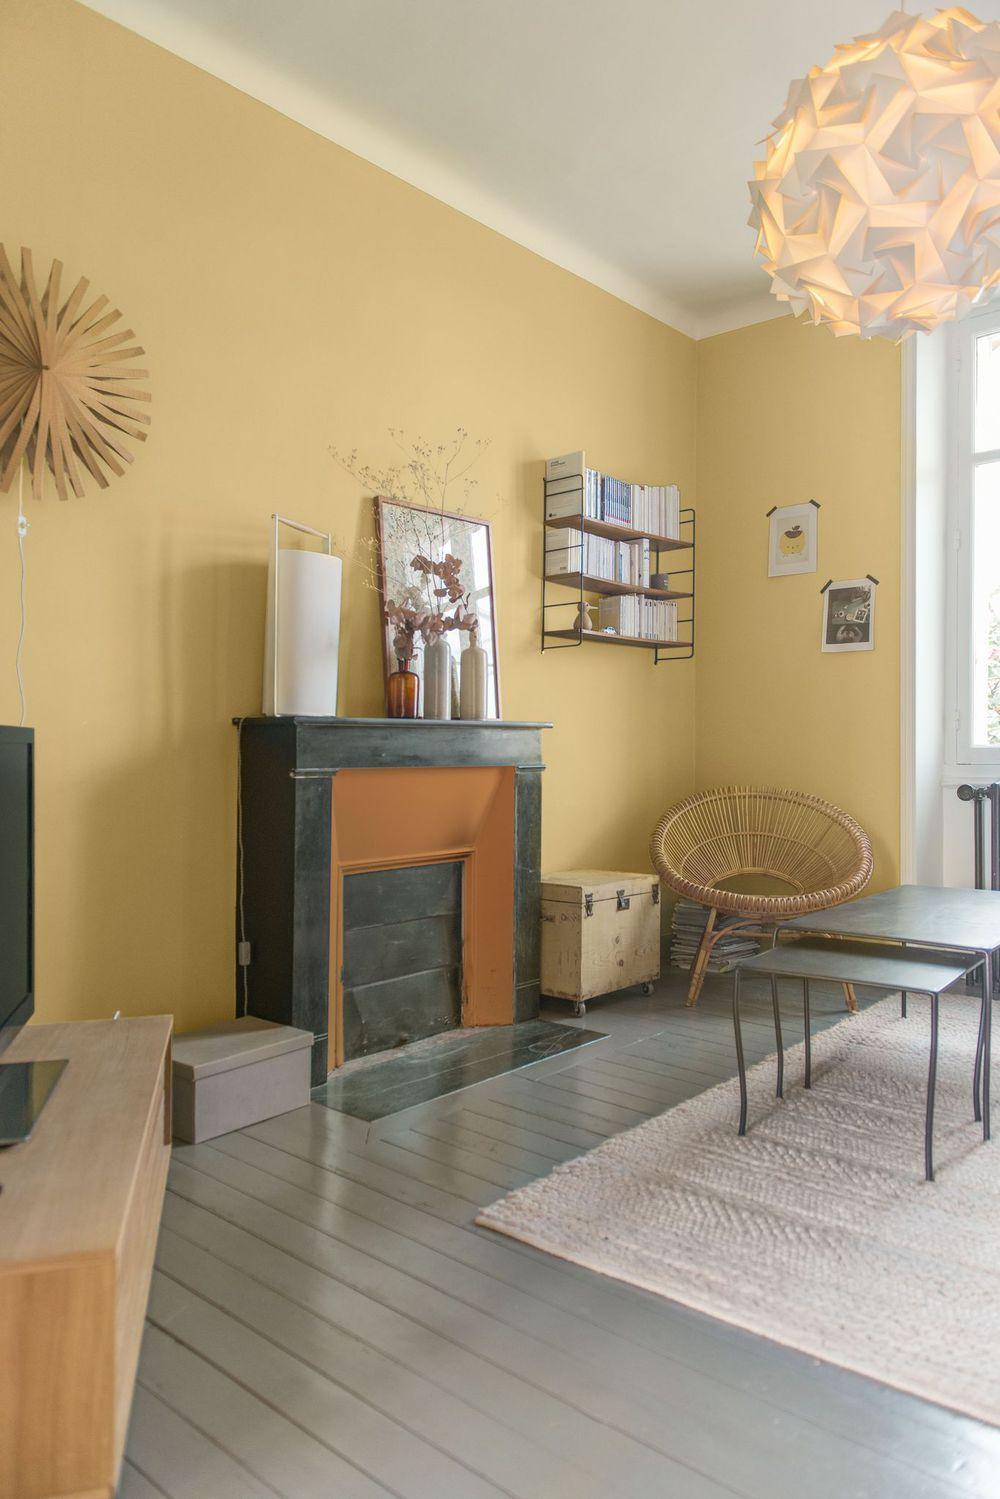 Peinture salon  30 couleurs tendance pour repeindre le salon  Ides de dcoration intrieure